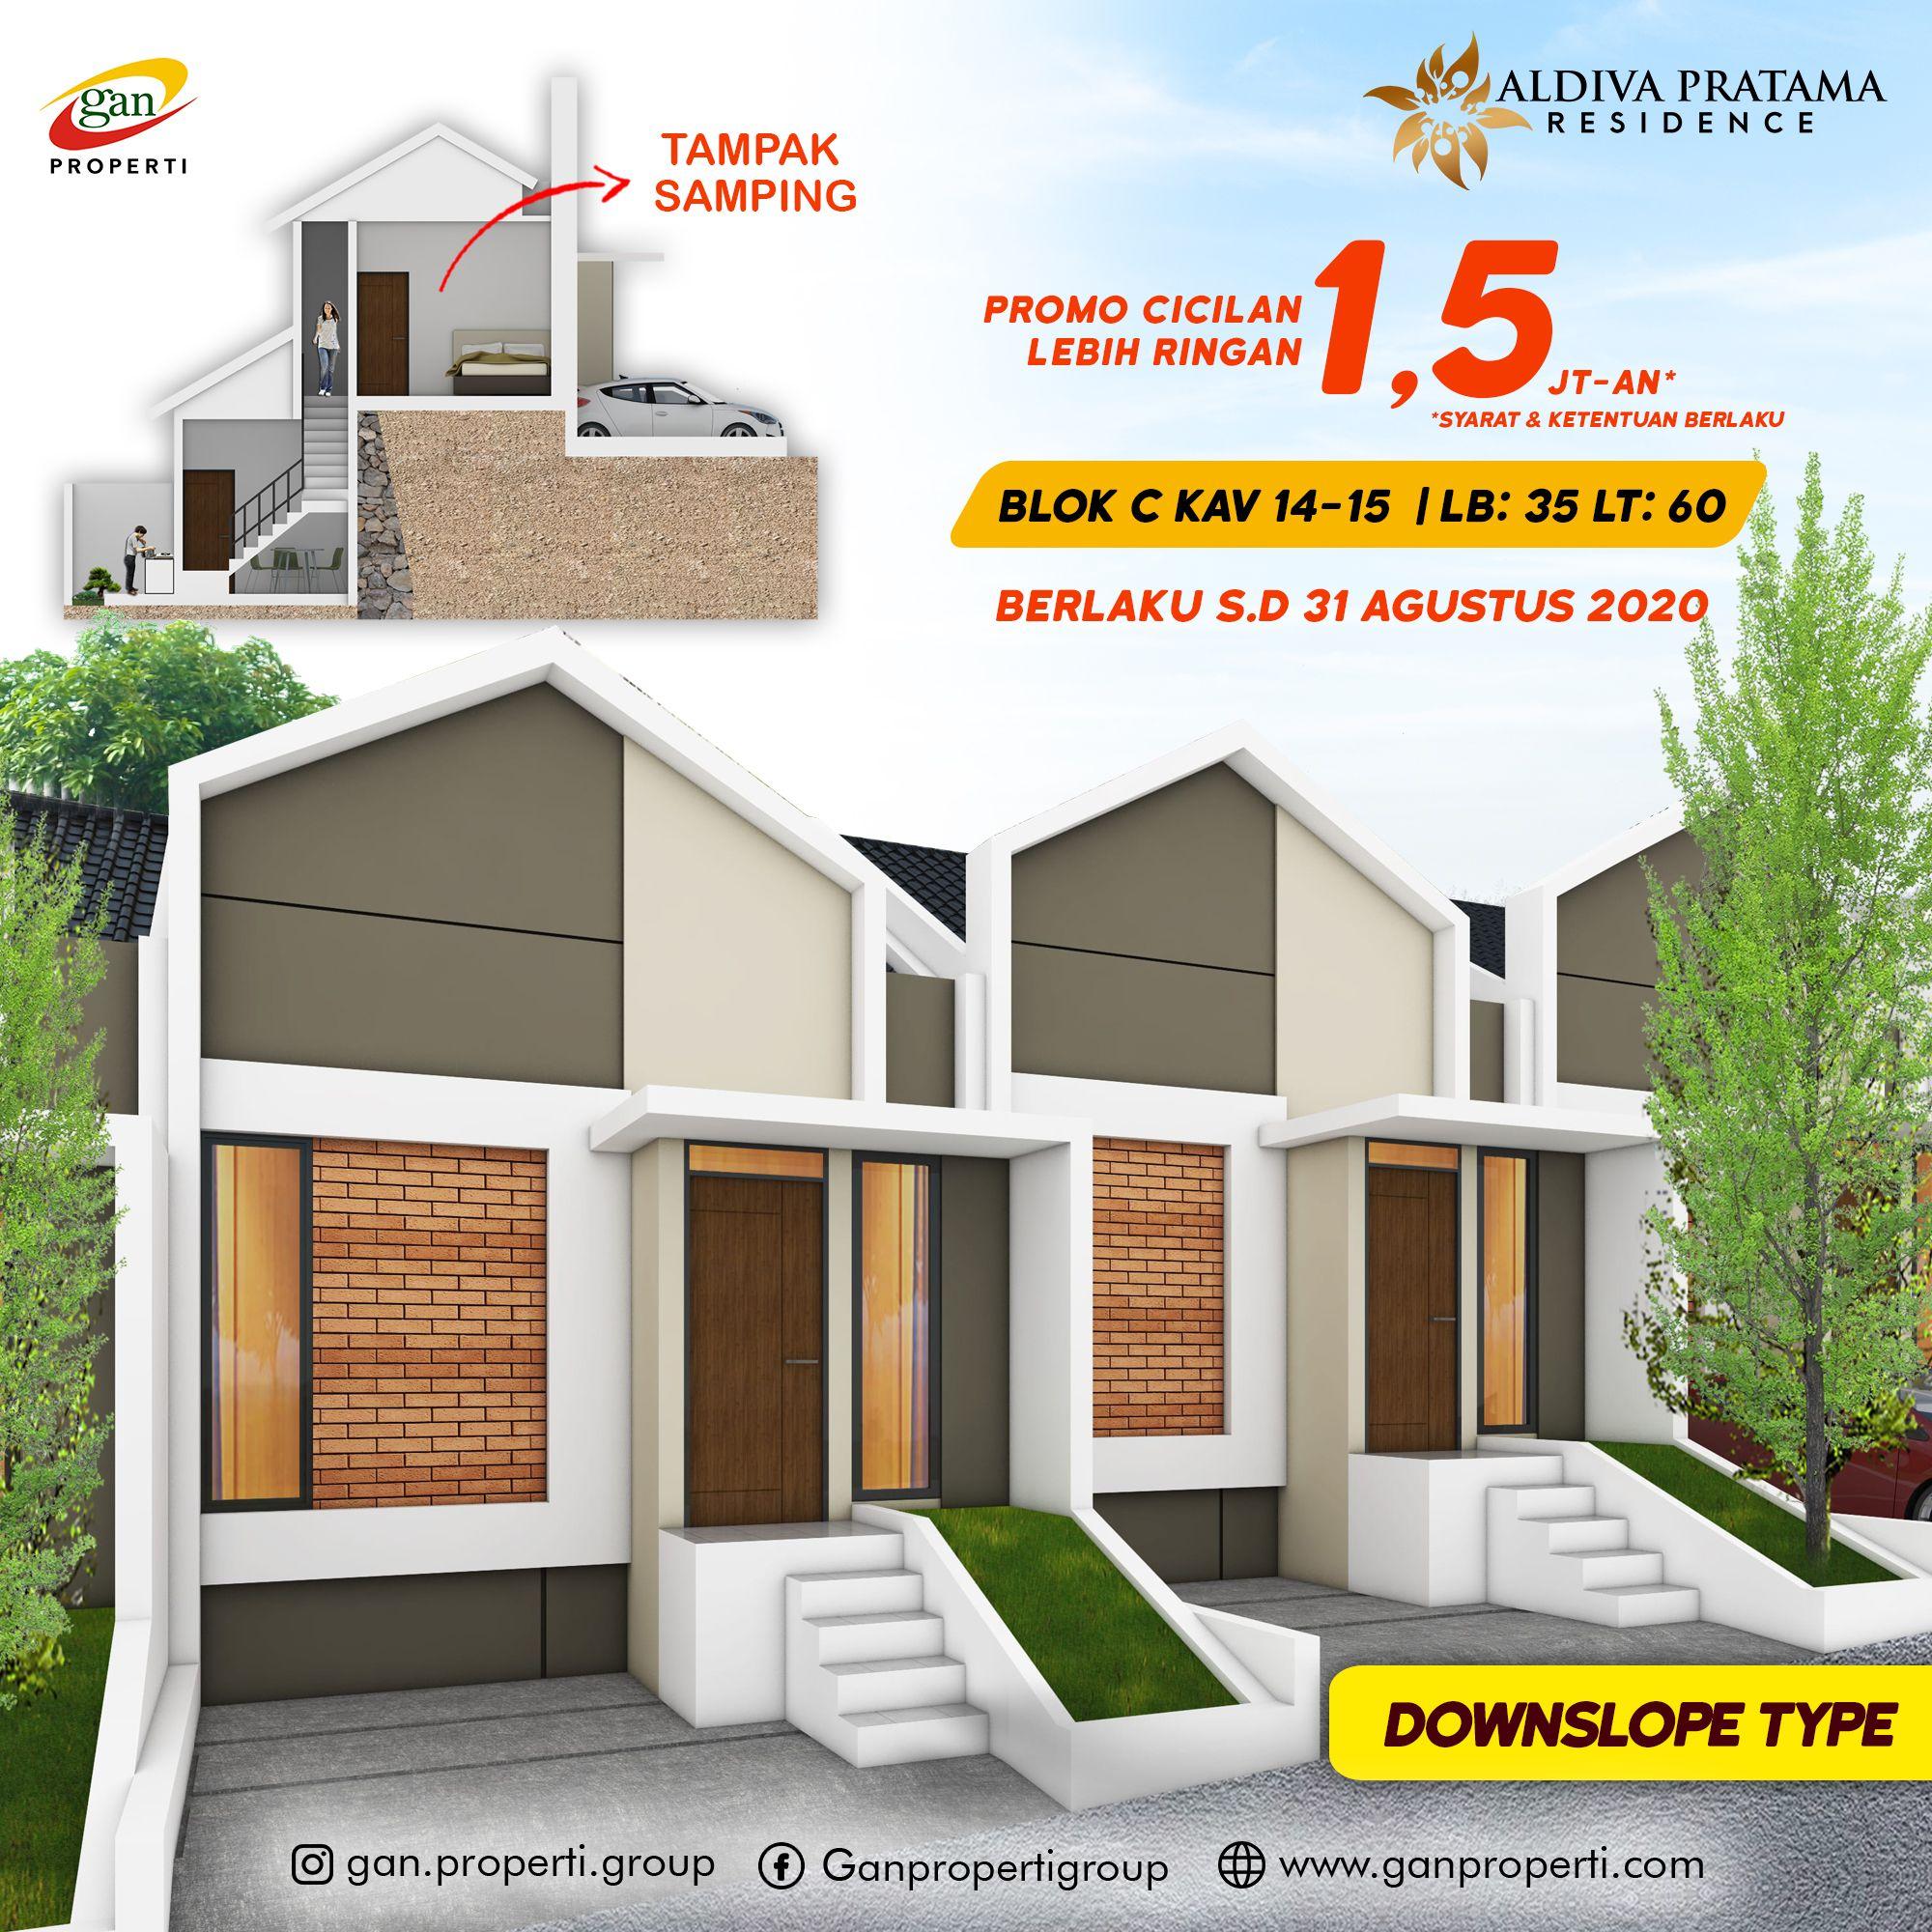 Jual Rumah Baru 2 Lantai Di Bandung Barat Padalarang Jayamekar Kota Baru Parahyangan Ikea Murah Rumah Rumah Baru Rumah Modern